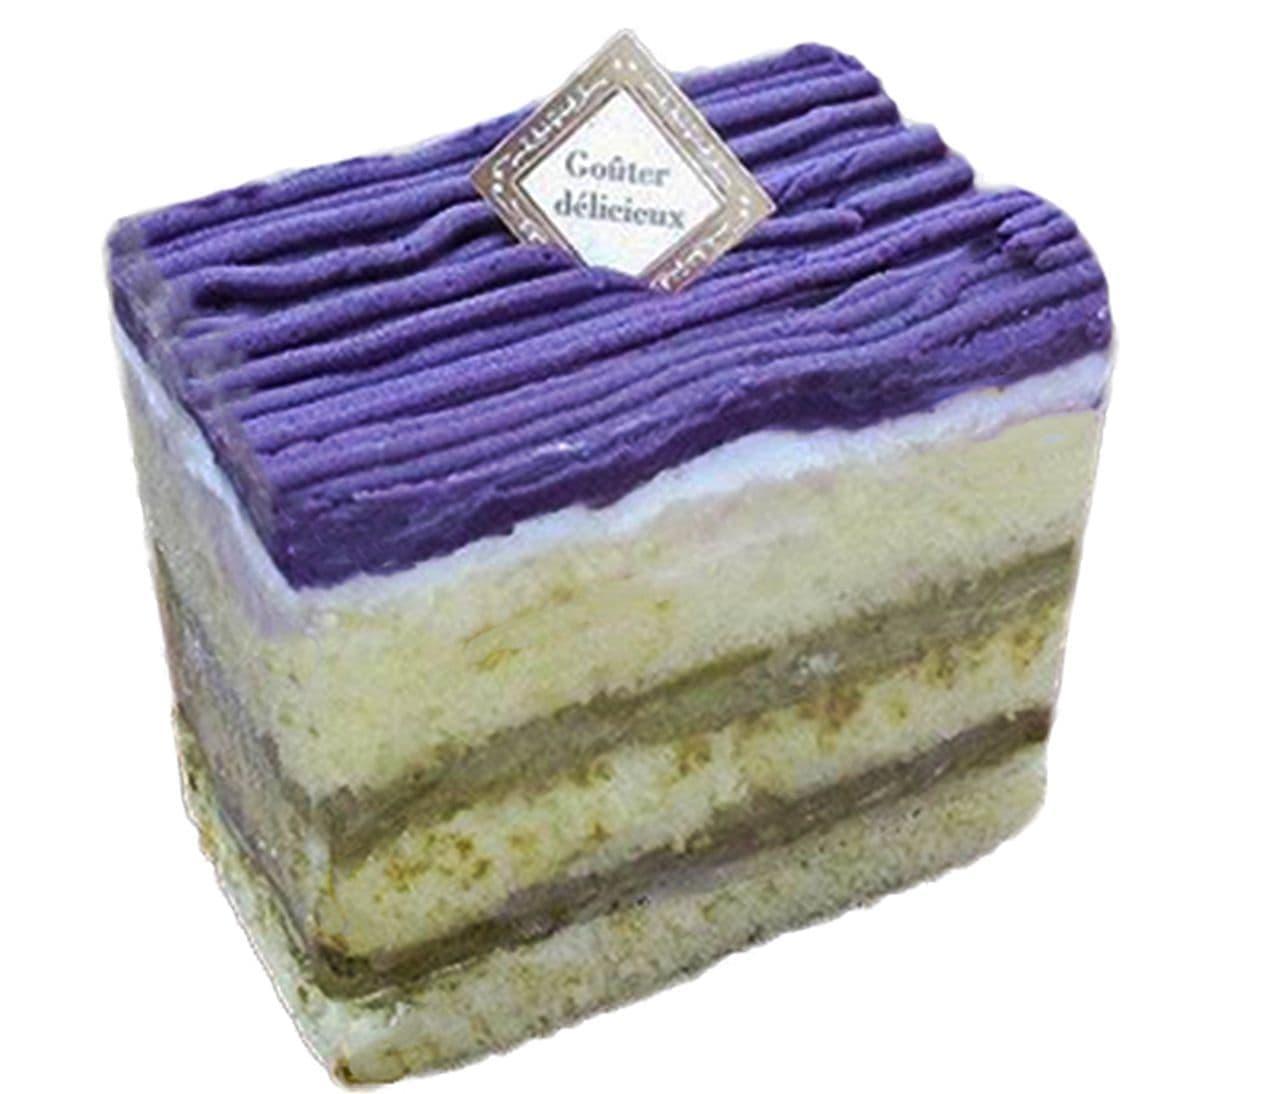 シャトレーゼ「紫芋とほうじ茶のケーキ」